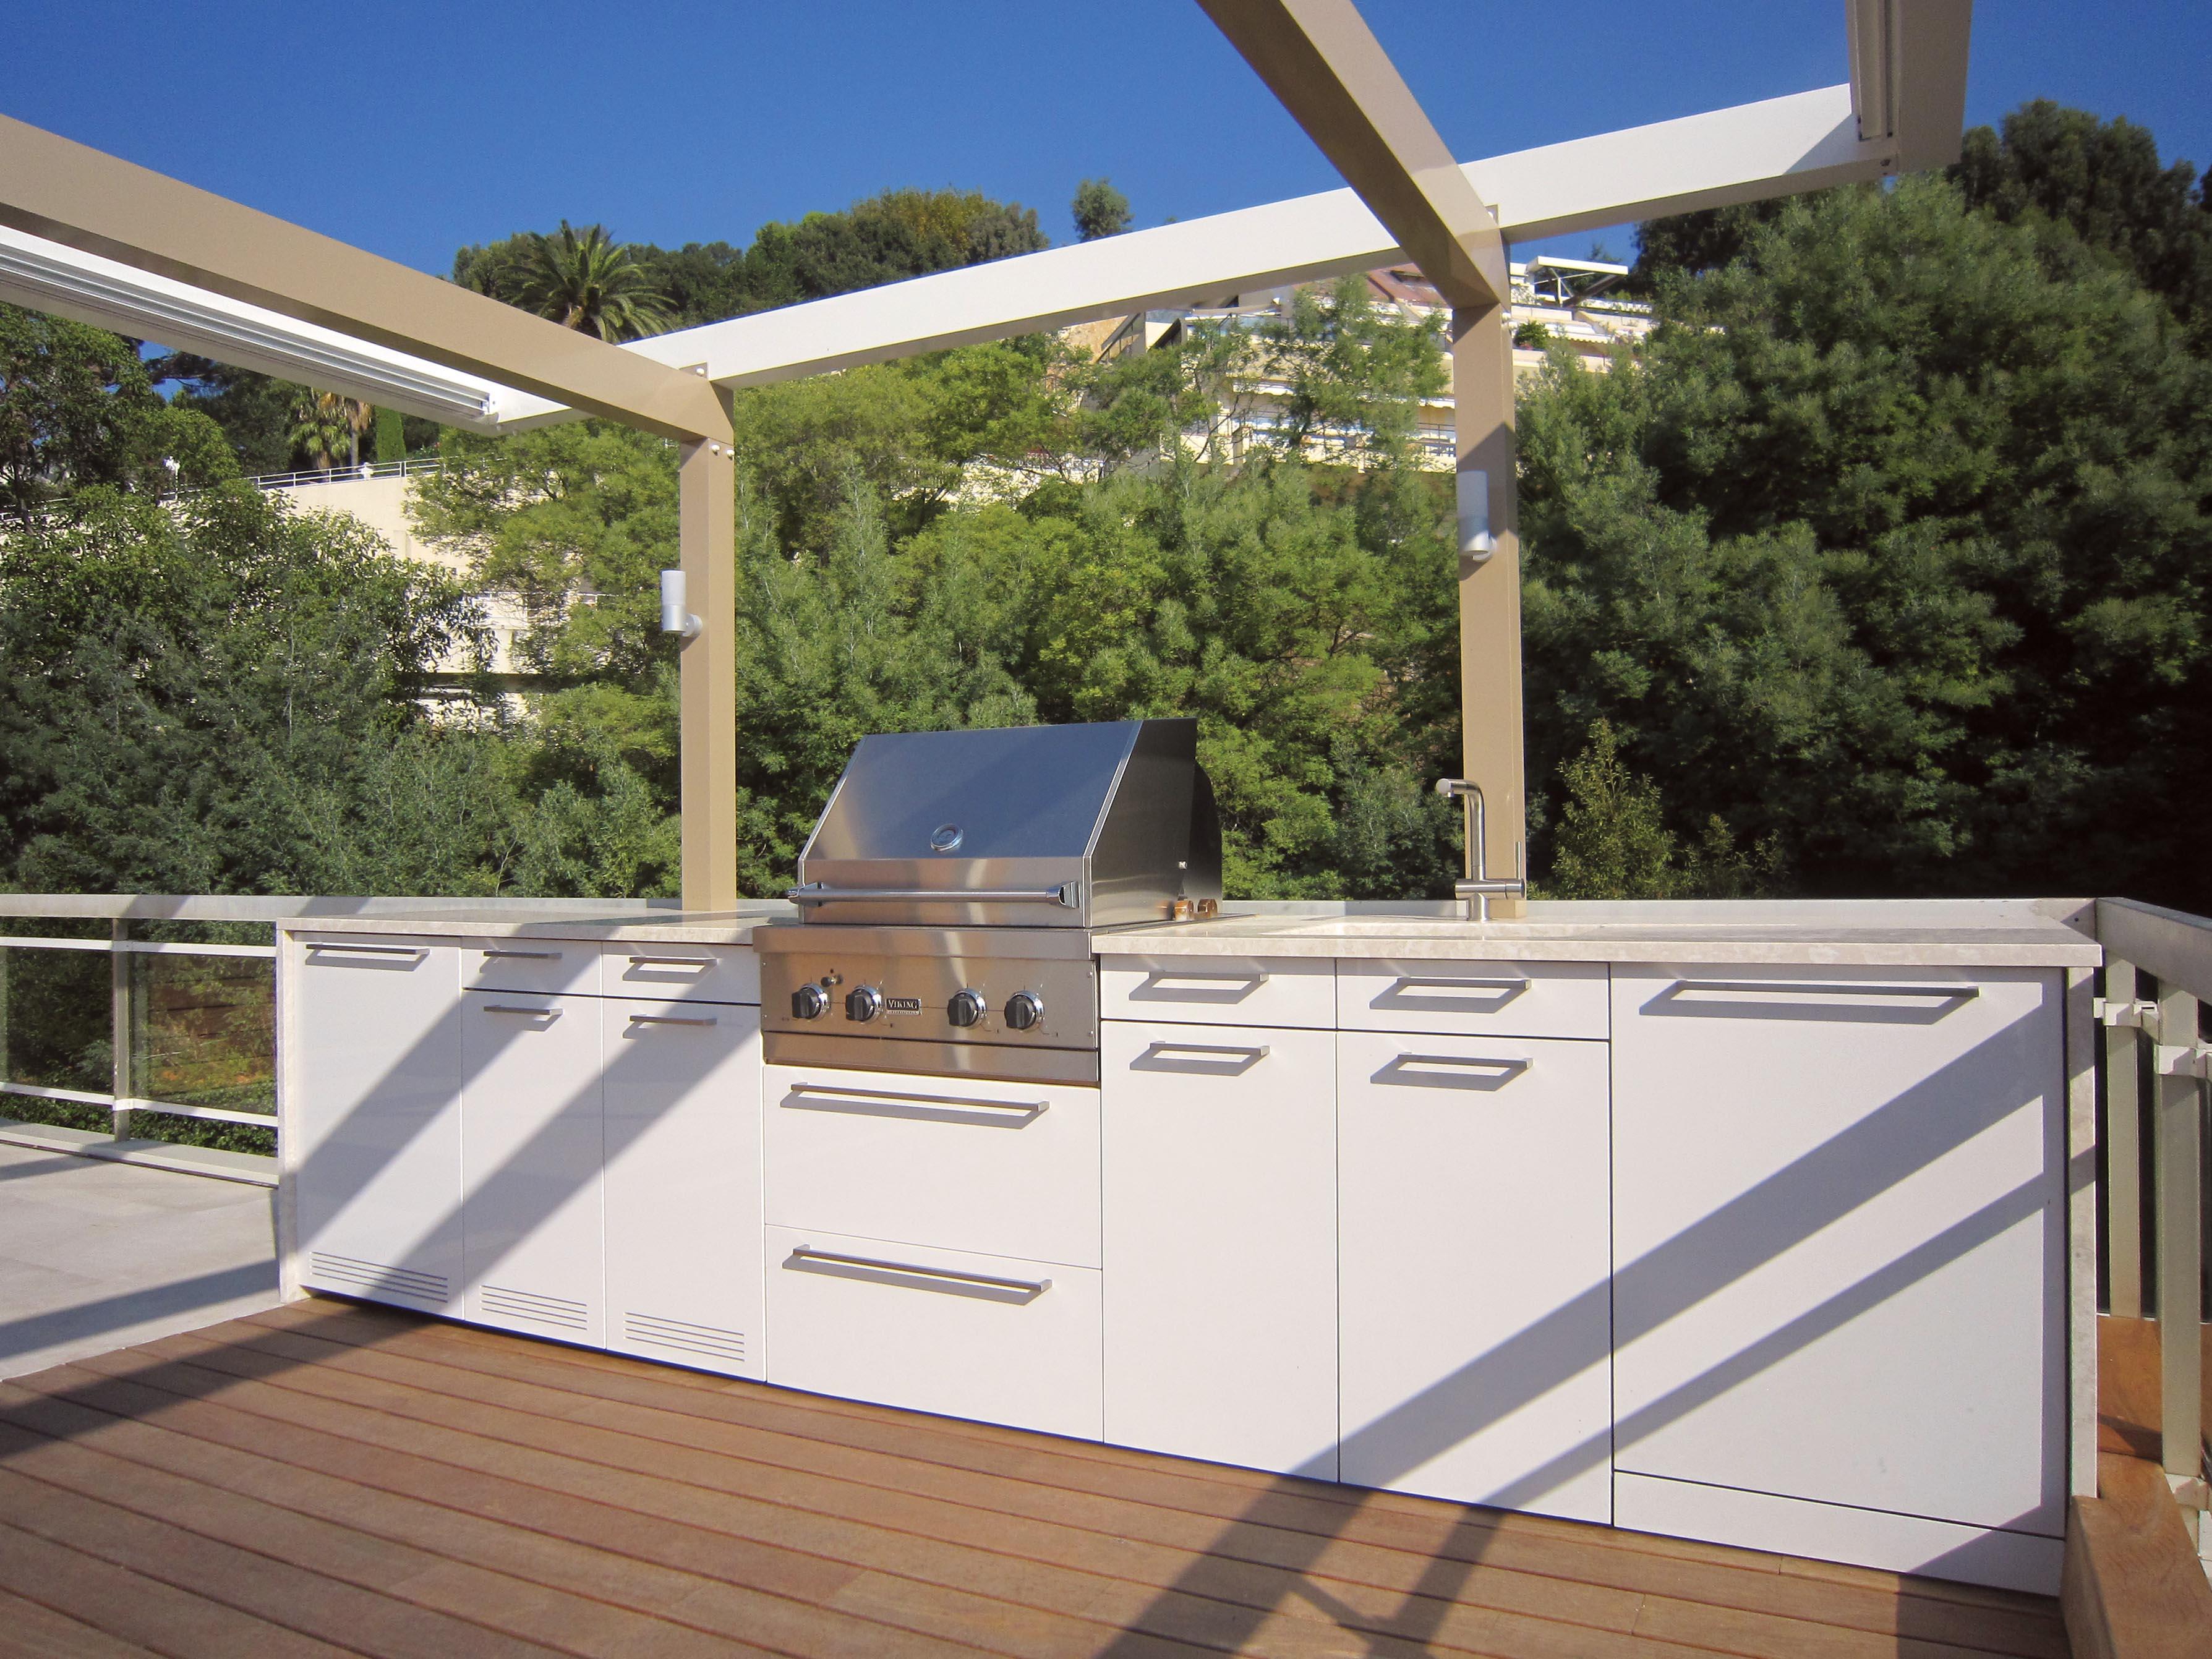 pool house sur mesure au design contemporain atelier de saint paul. Black Bedroom Furniture Sets. Home Design Ideas